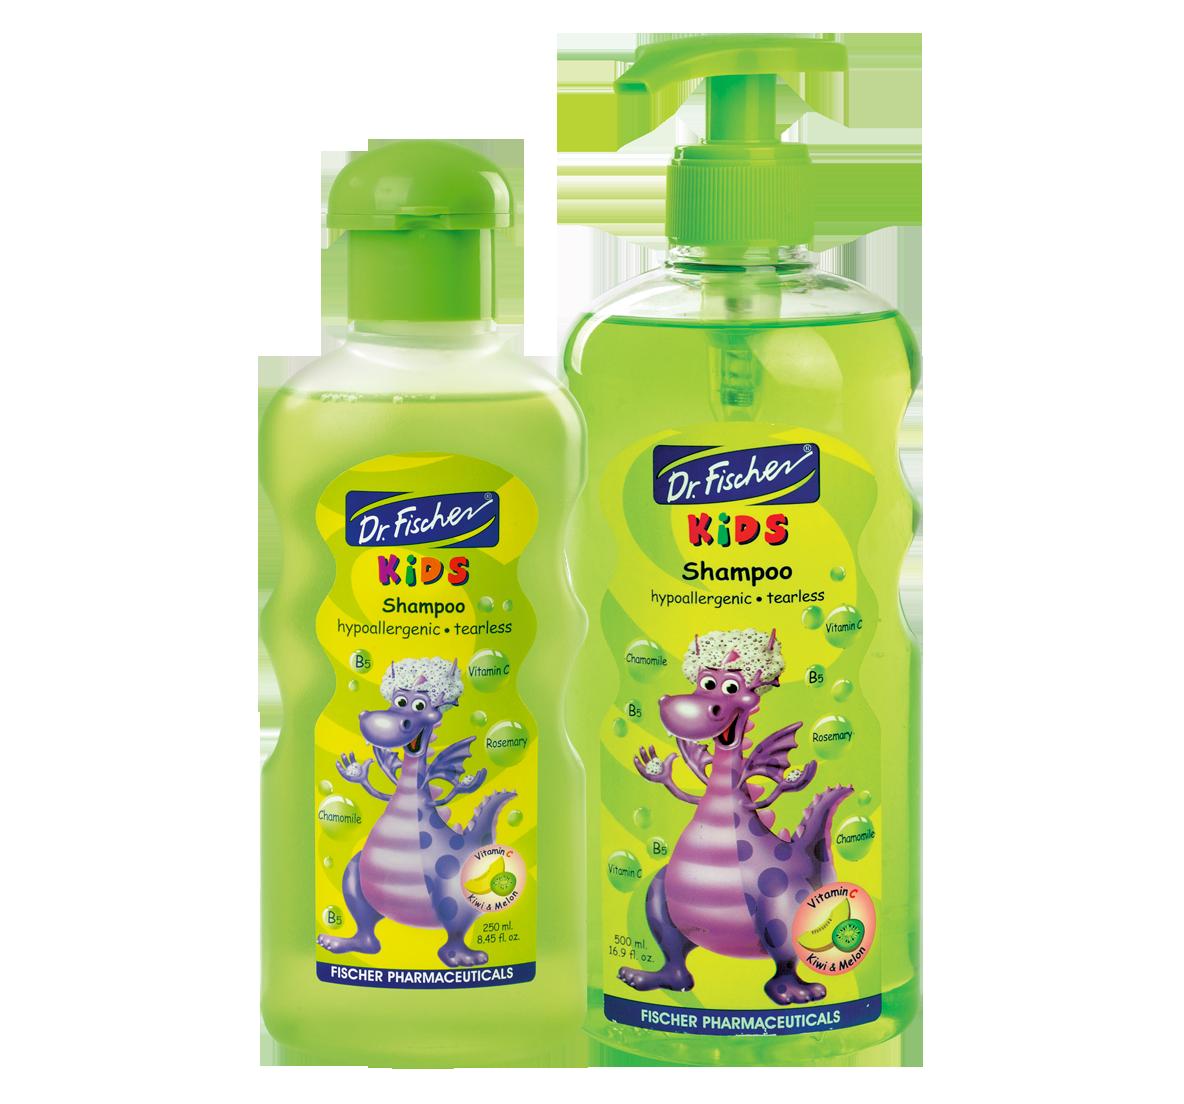 E_kids_shampoo_1184x1104